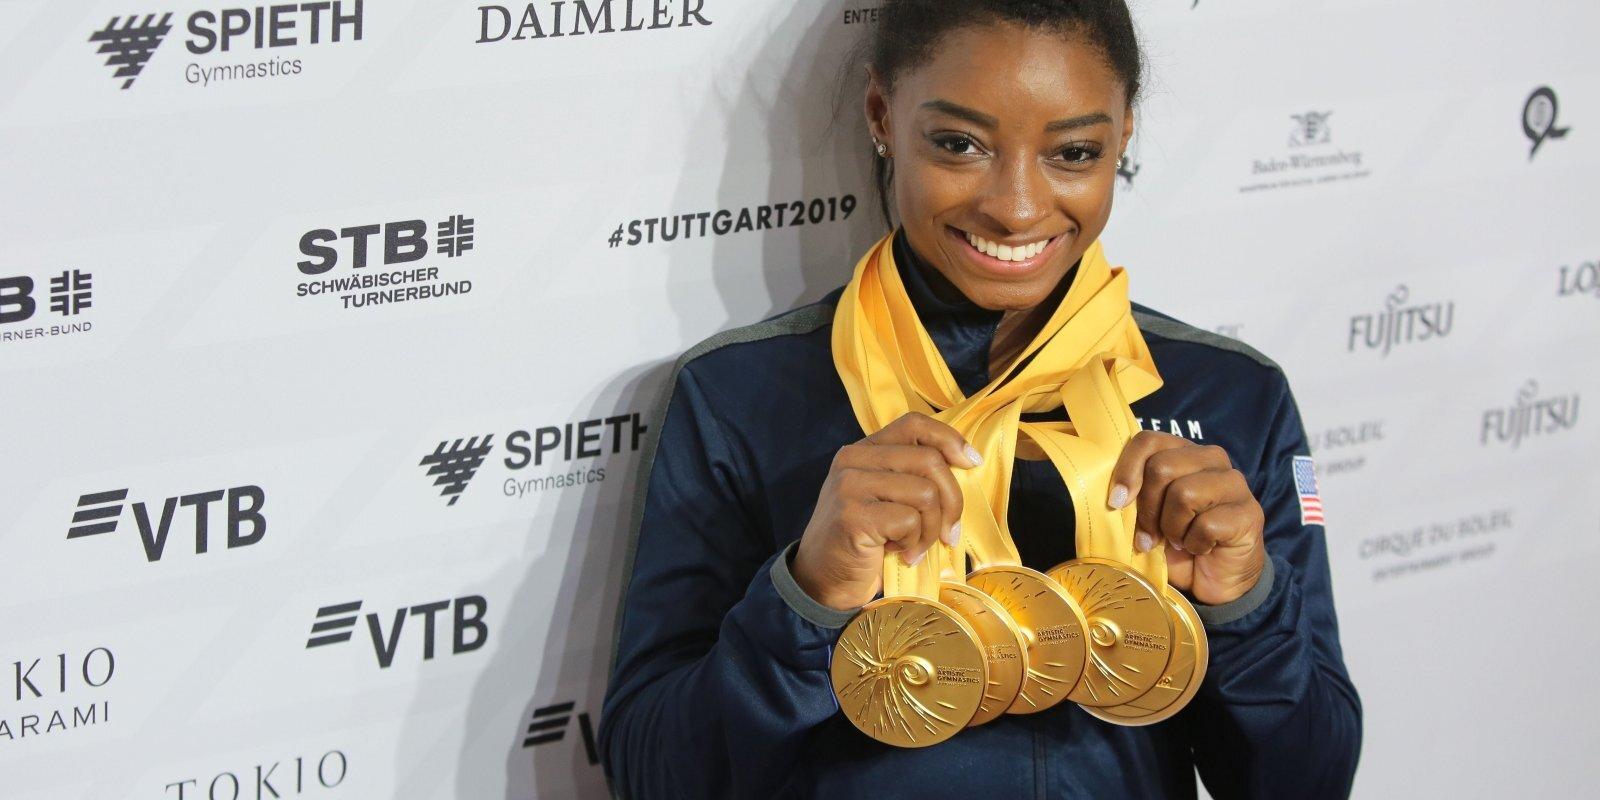 Meklējiet sievieti! 'Nāvējošais' ierocis olimpisko medaļu kaujās